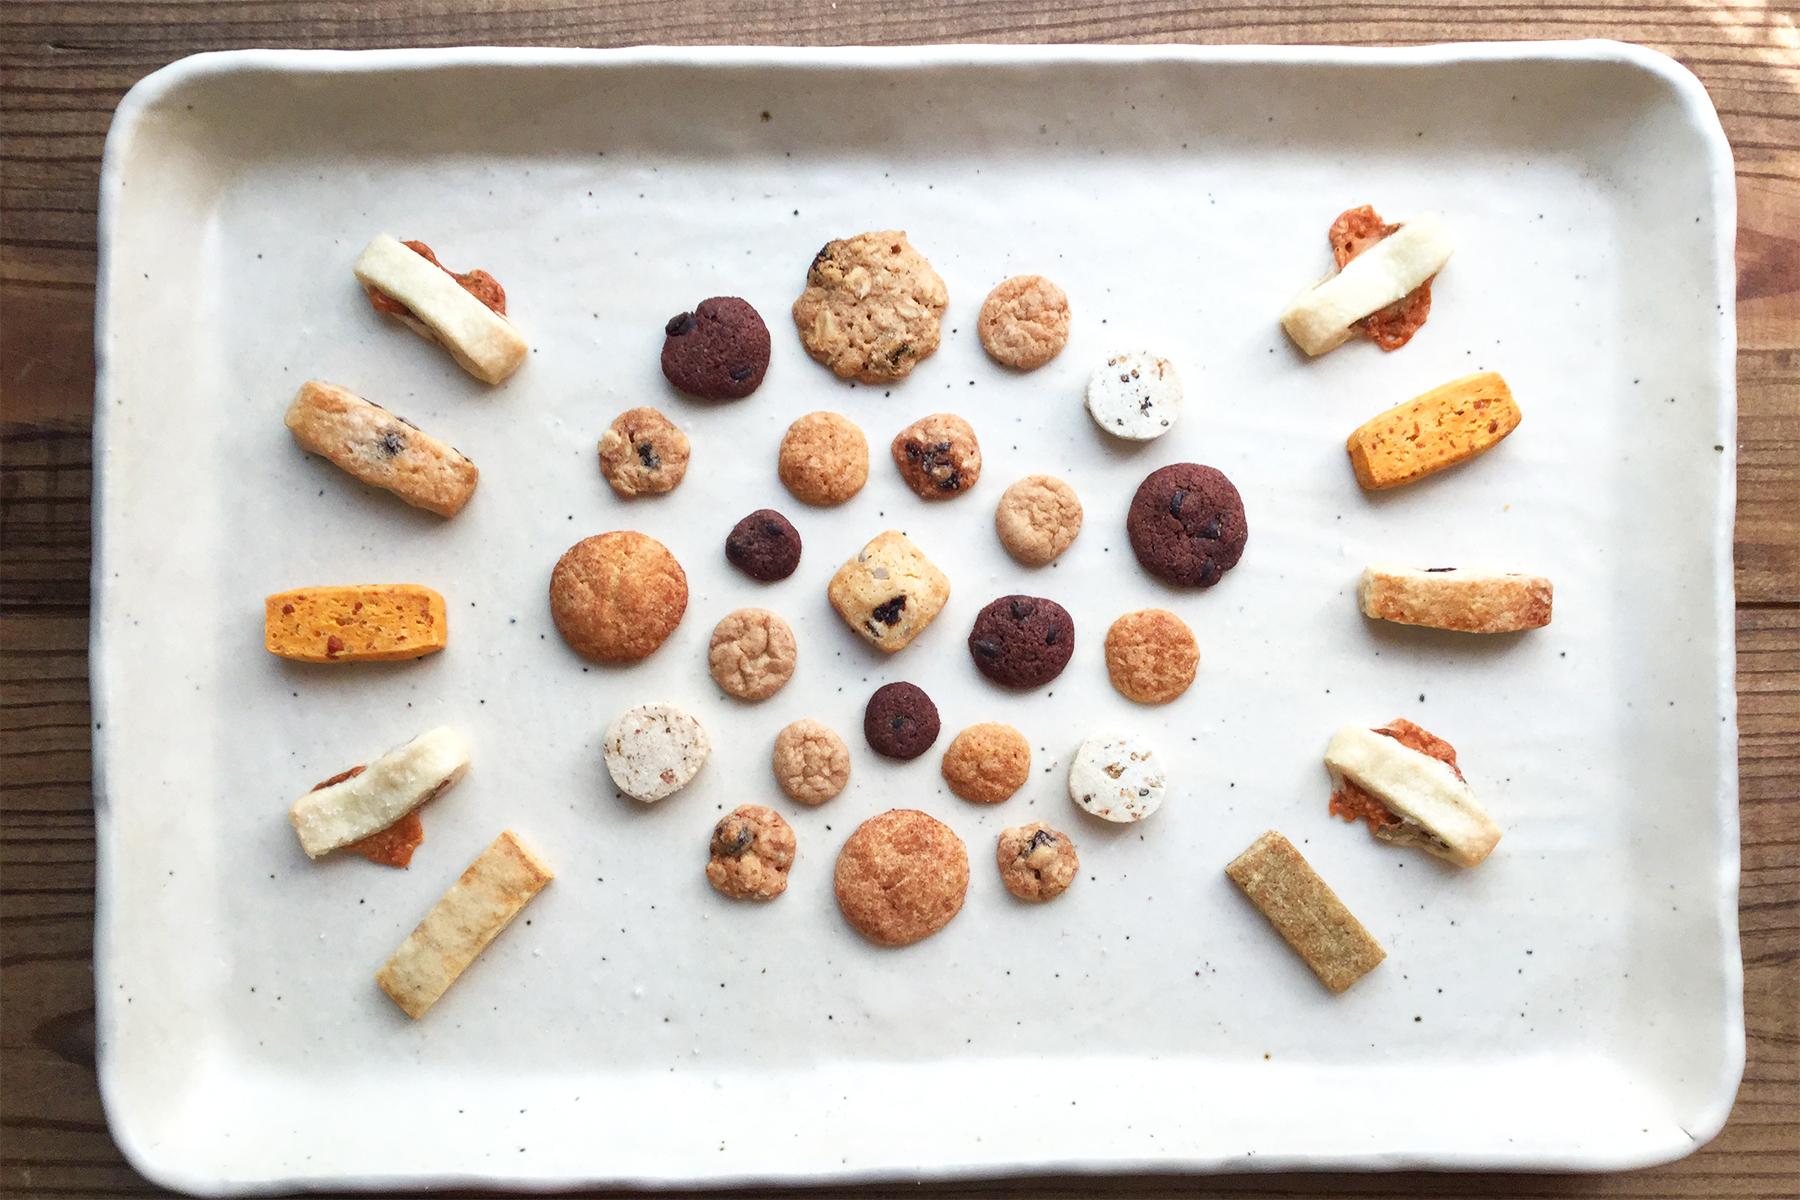 広島ワインに合うクッキーのハレノヒヨリのこだわり